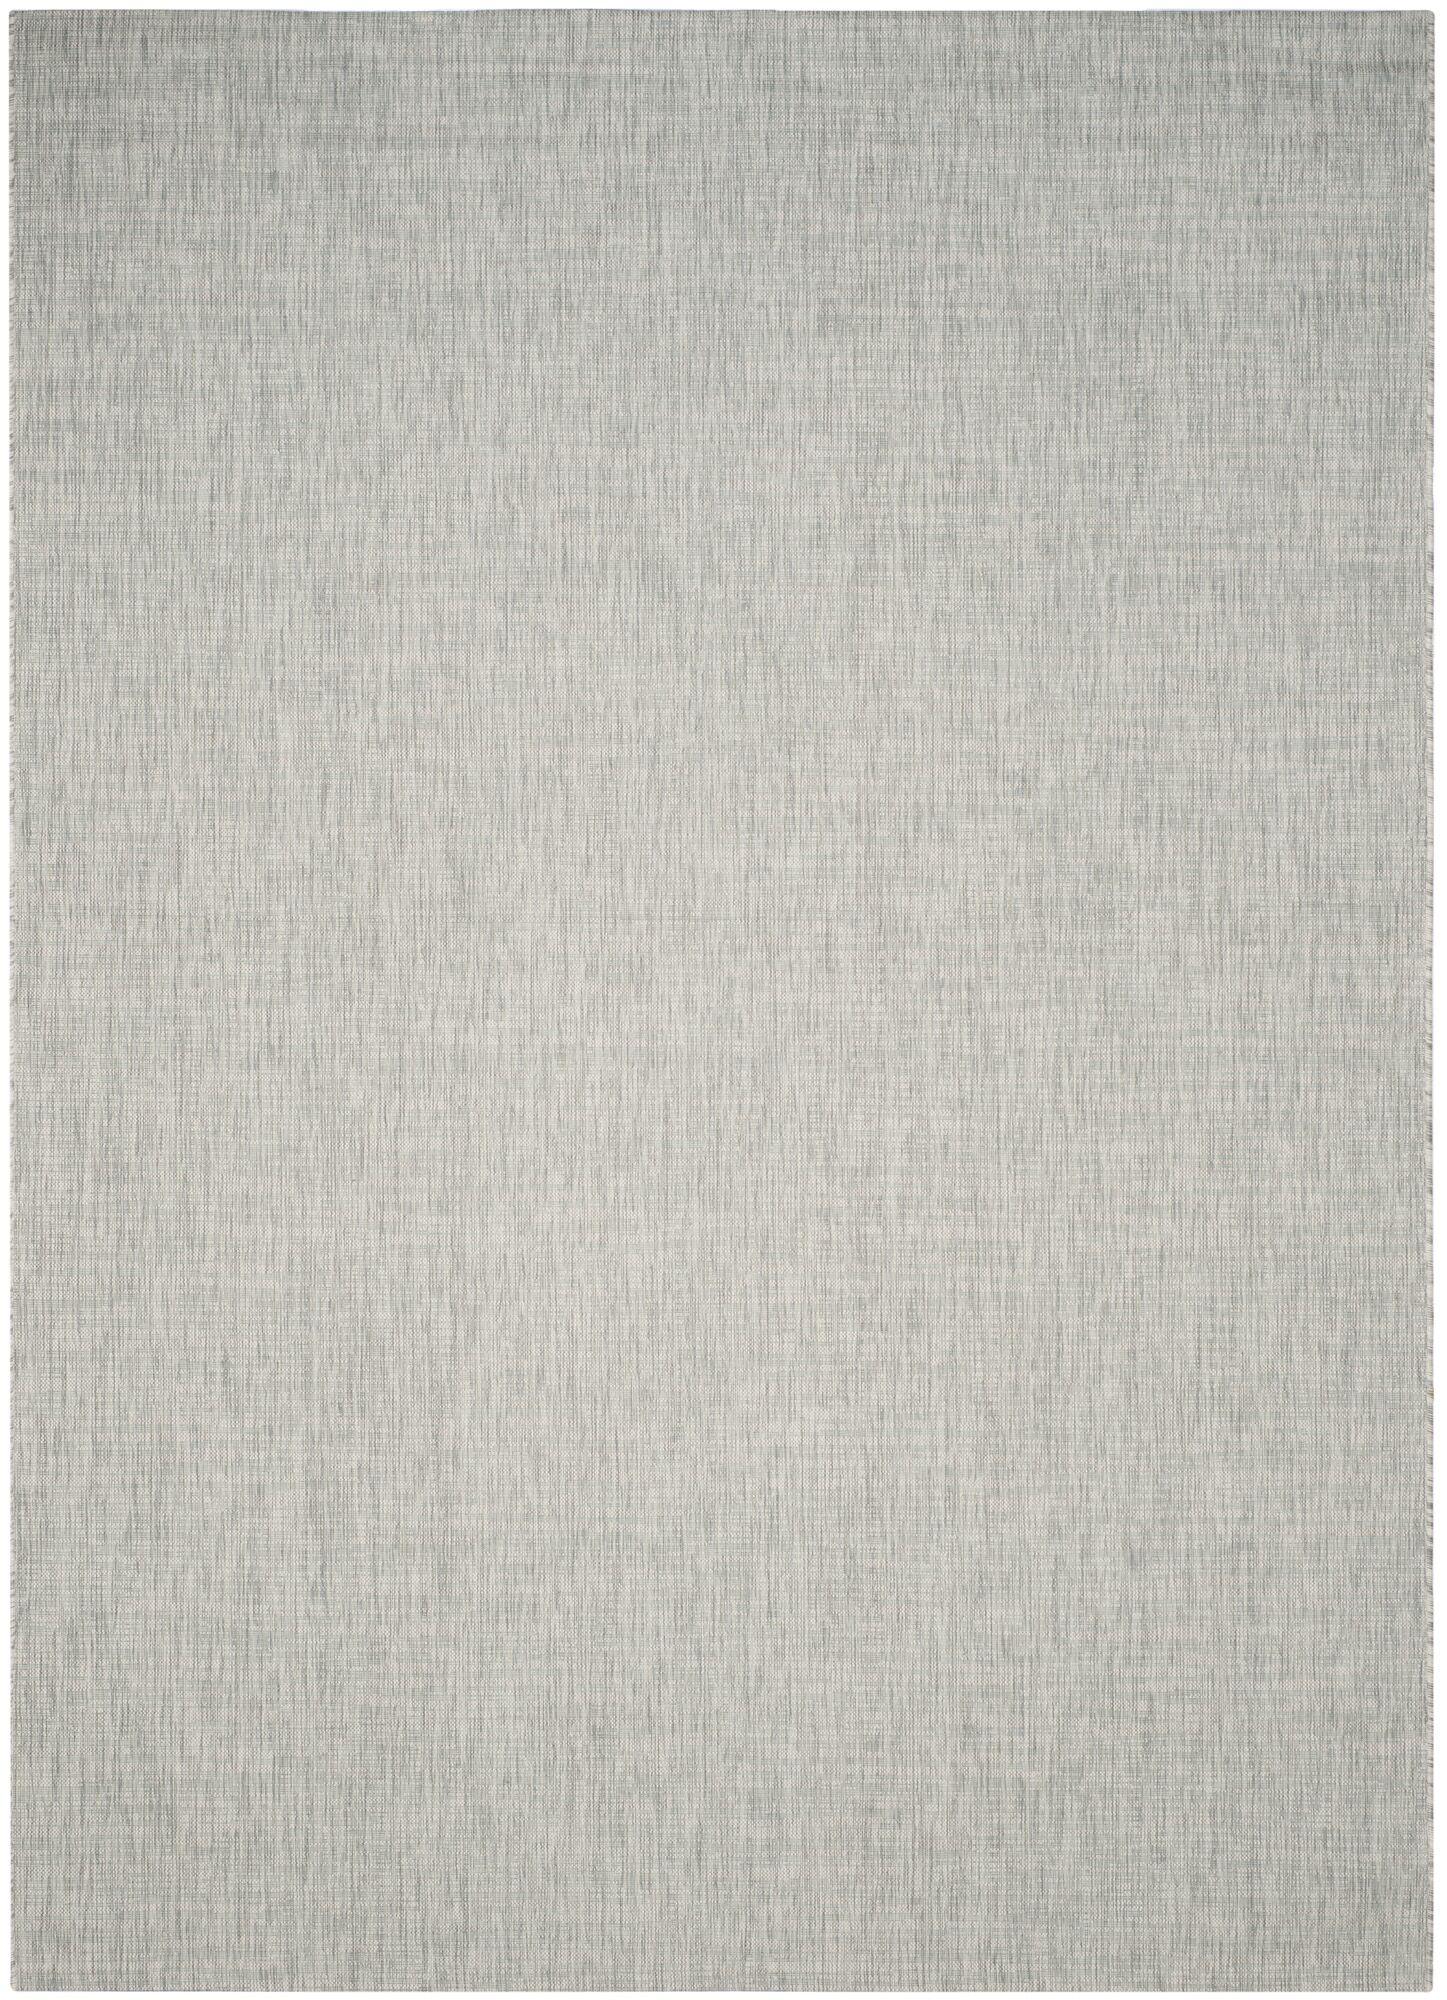 Adelia Gray/Turquoise Indoor/Outdoor Area Rug Rug Size: Rectangle 8' x 11'